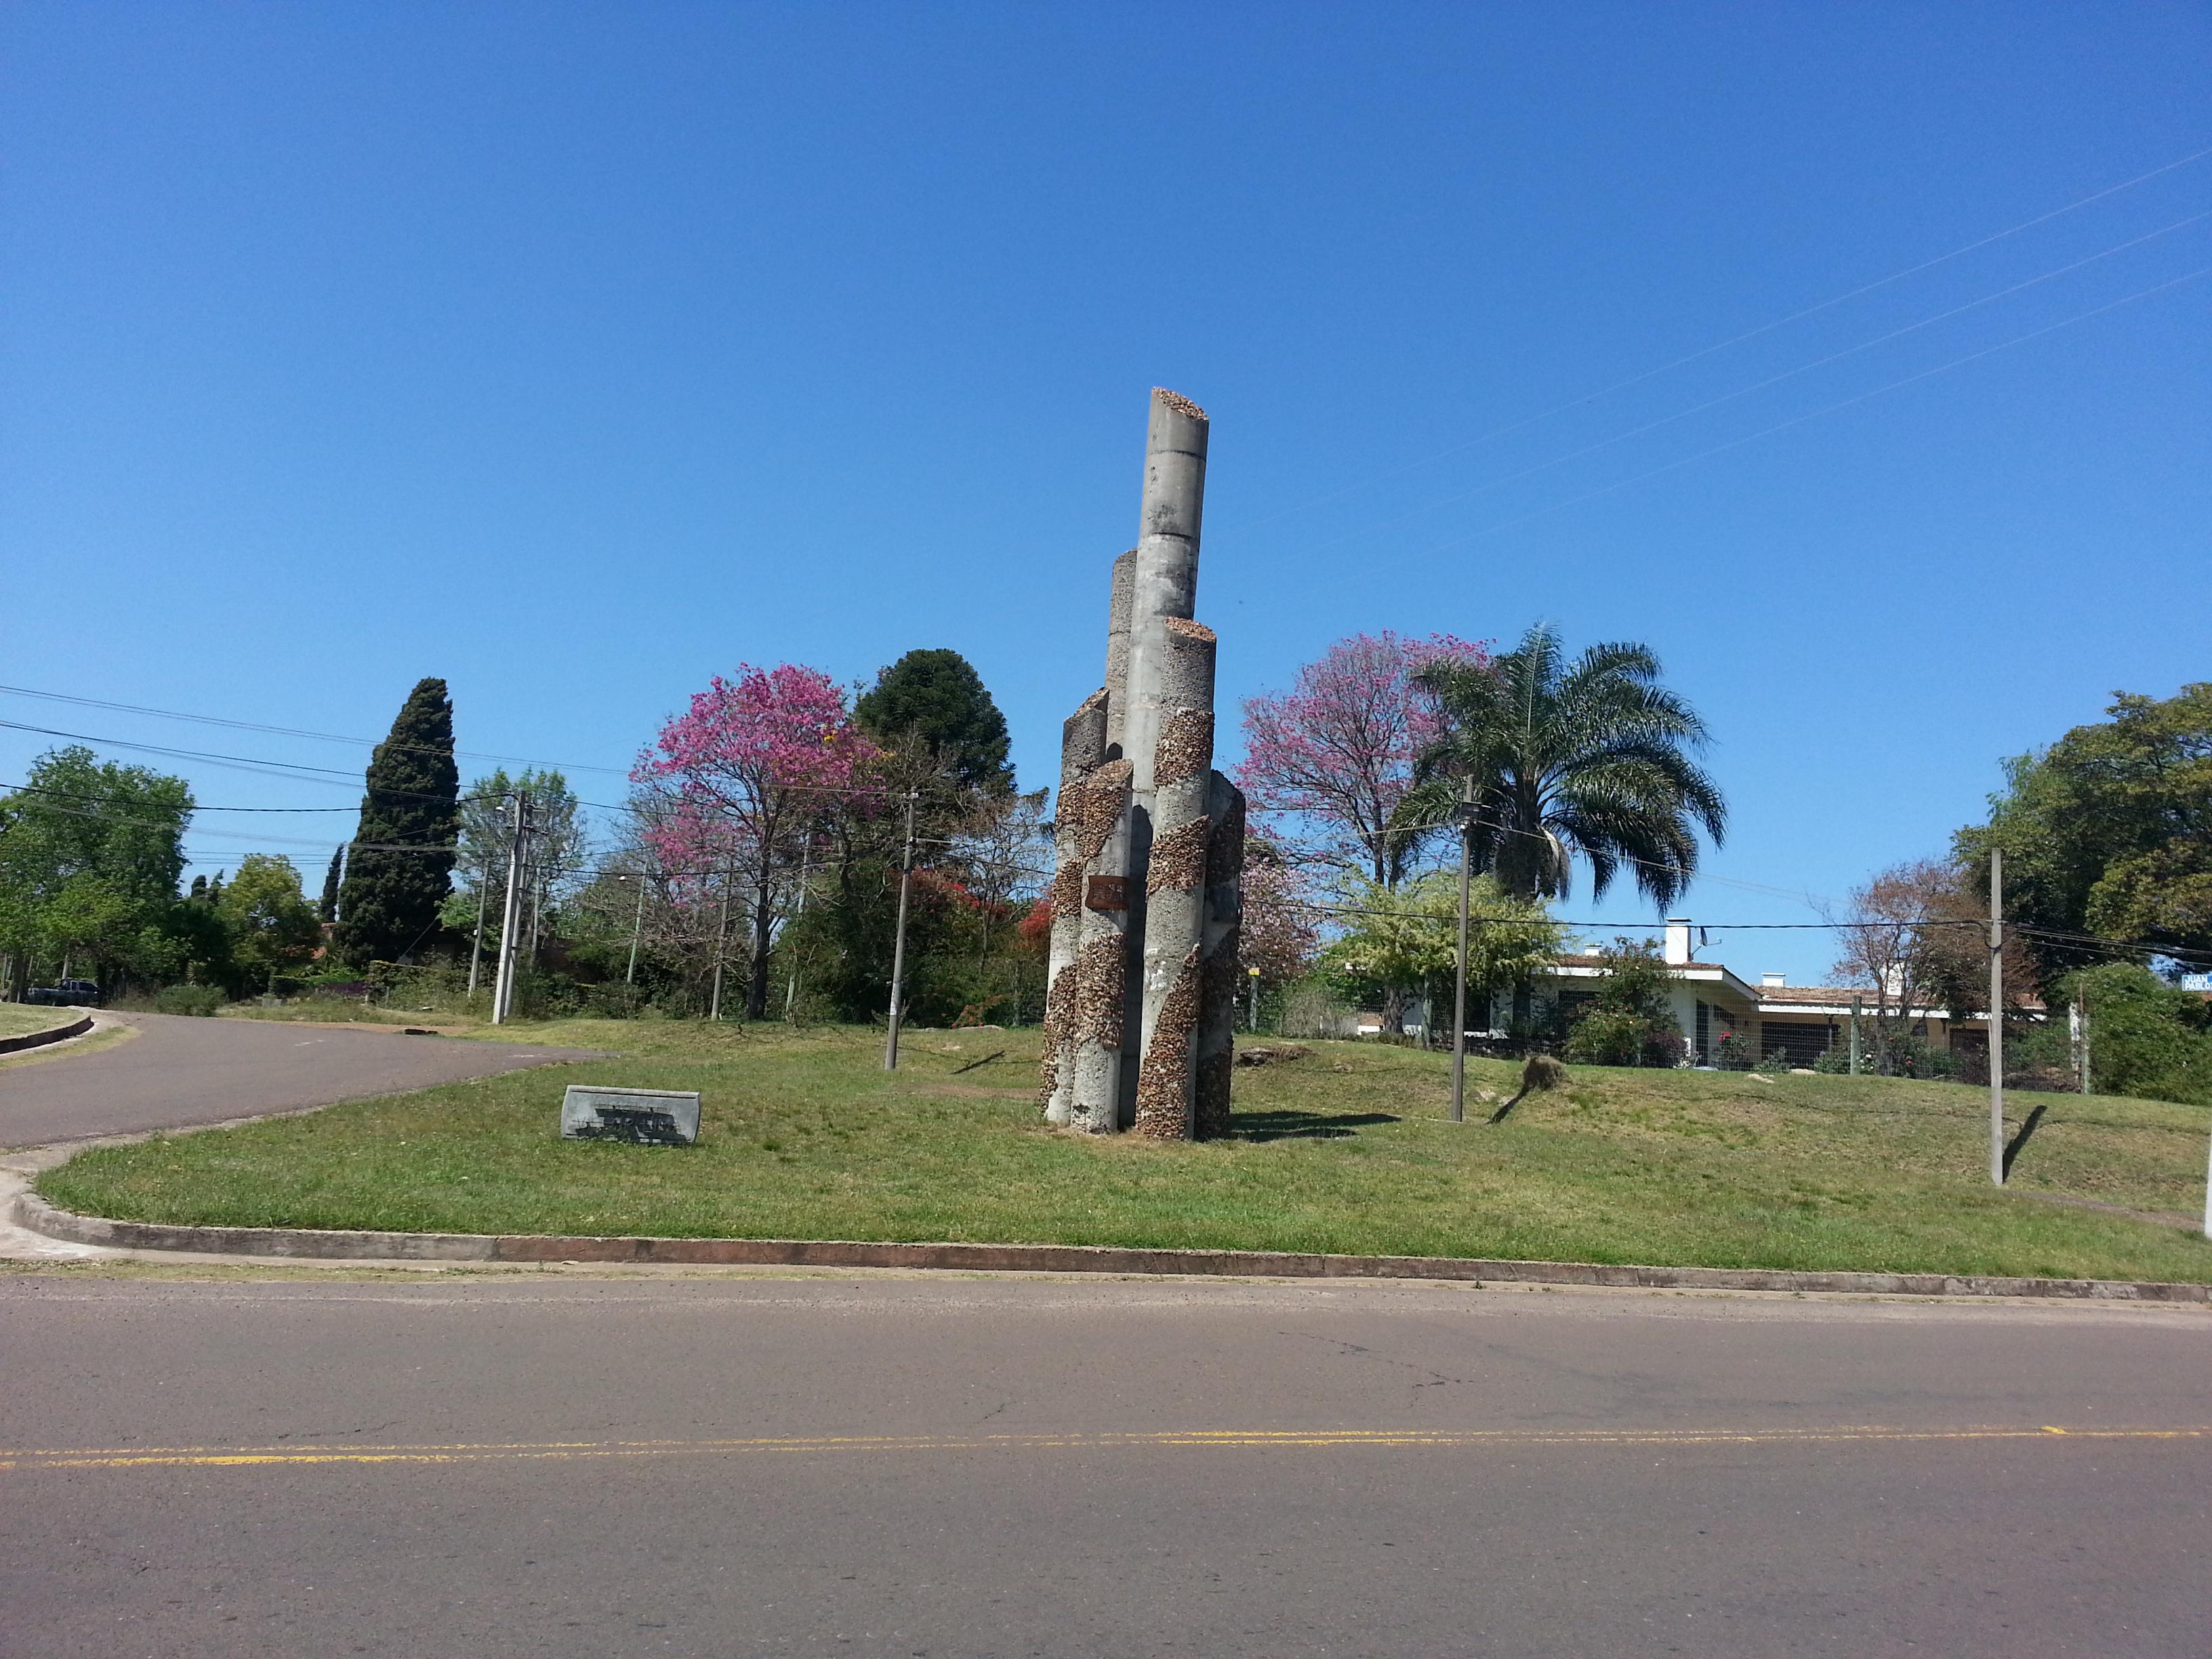 Monumento a Víctor Lima creado por el artista Juan Martínez (Salto)